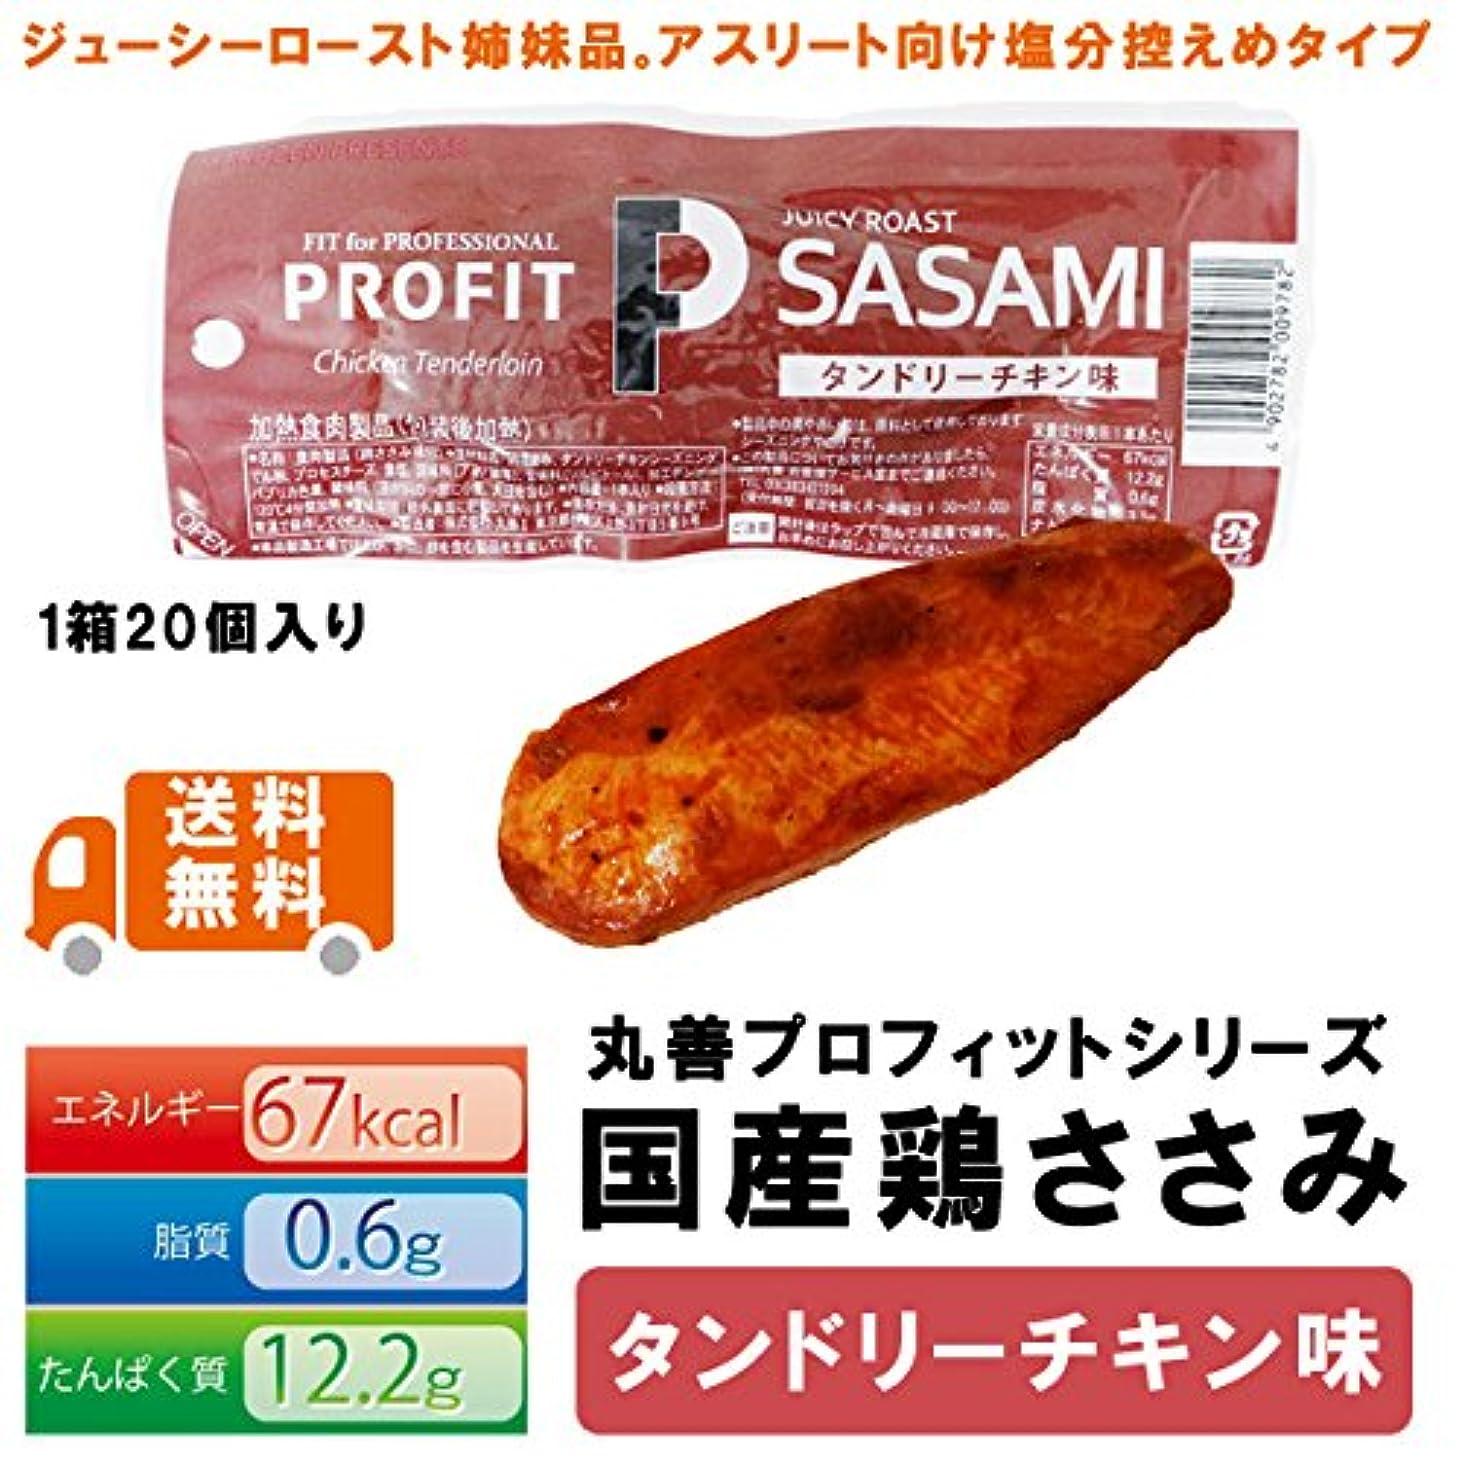 どんなときも俳句の前で丸善 PRO-FIT プロフィットささみ 鶏ささみ タンドリーチキン味 1箱20本入り